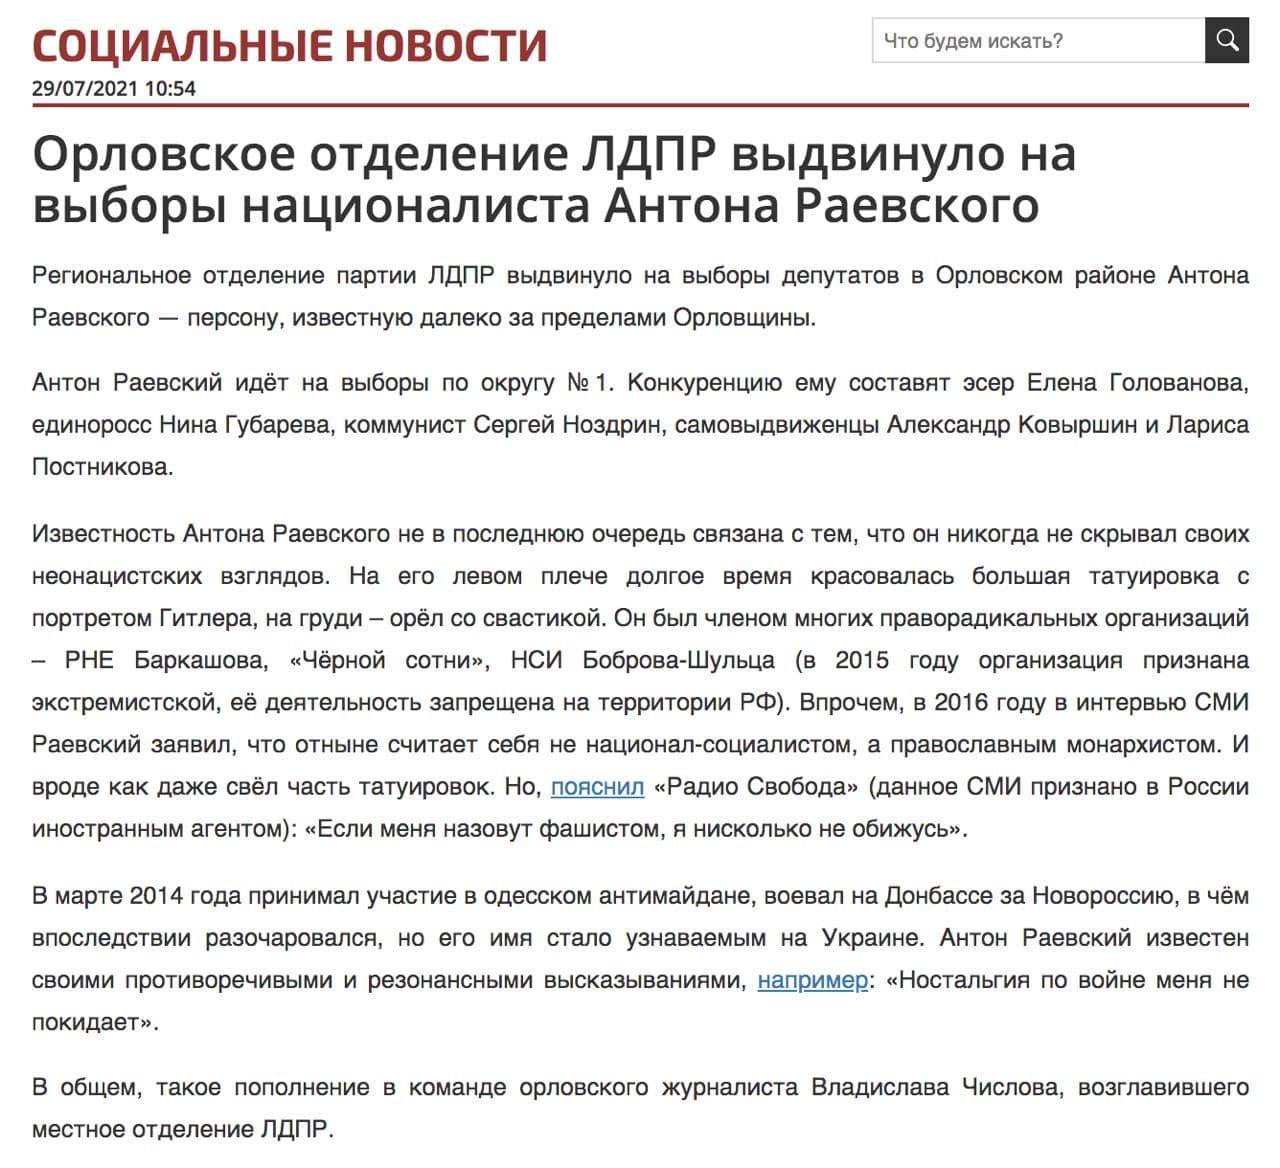 СМИ об Антоне Раевском